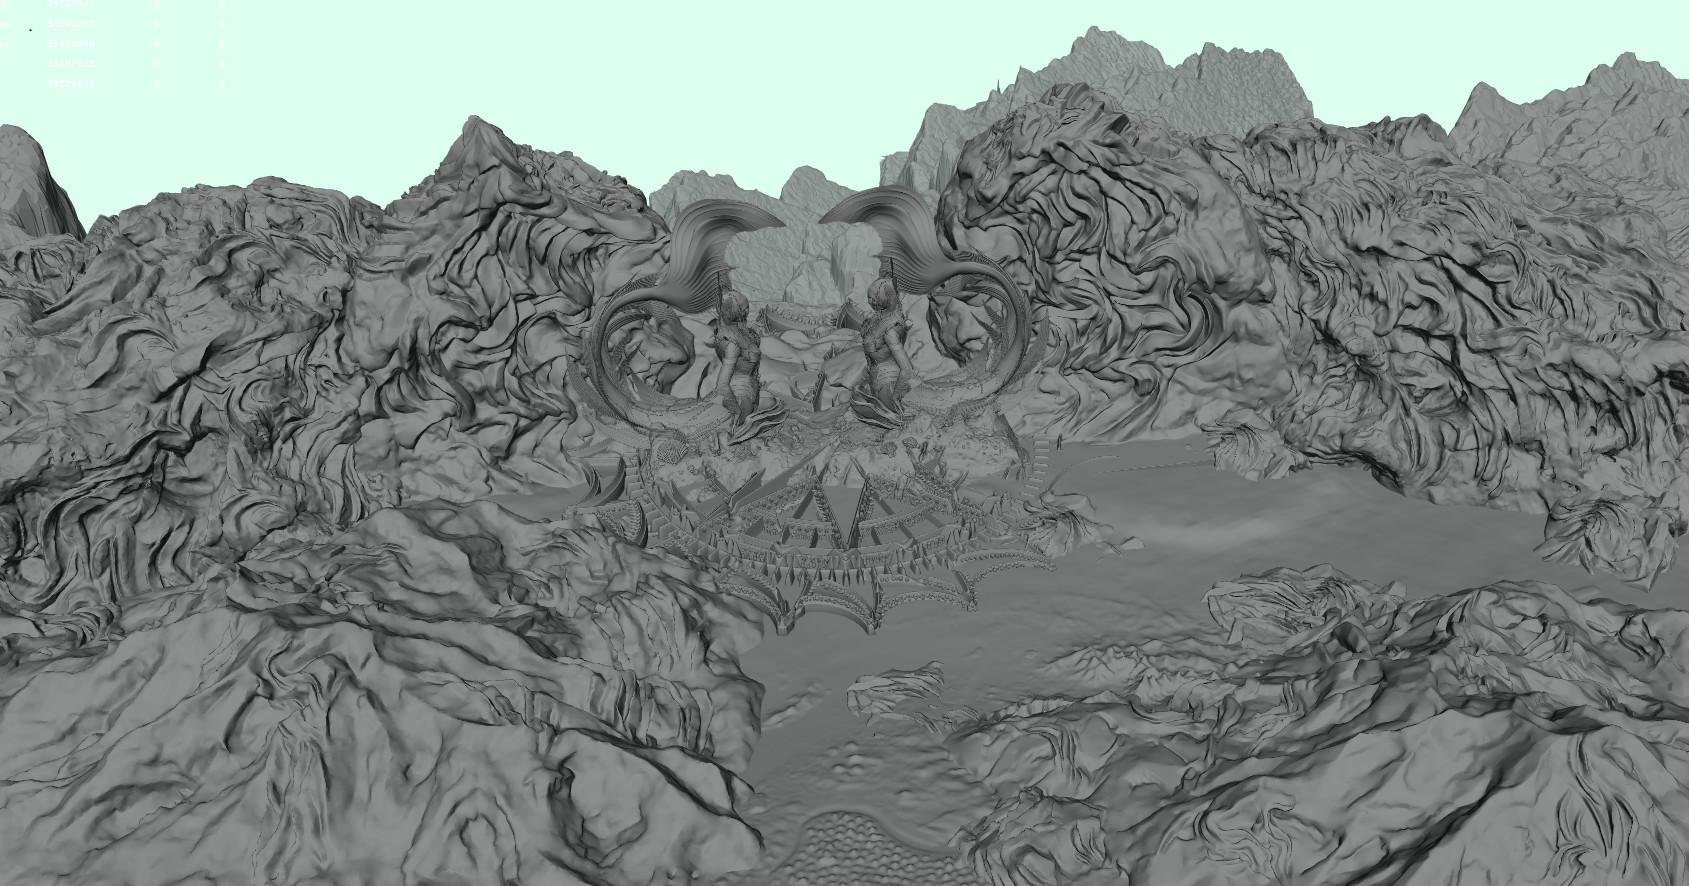 Mermaid gate Maya screengrab (that's a lot of polys).